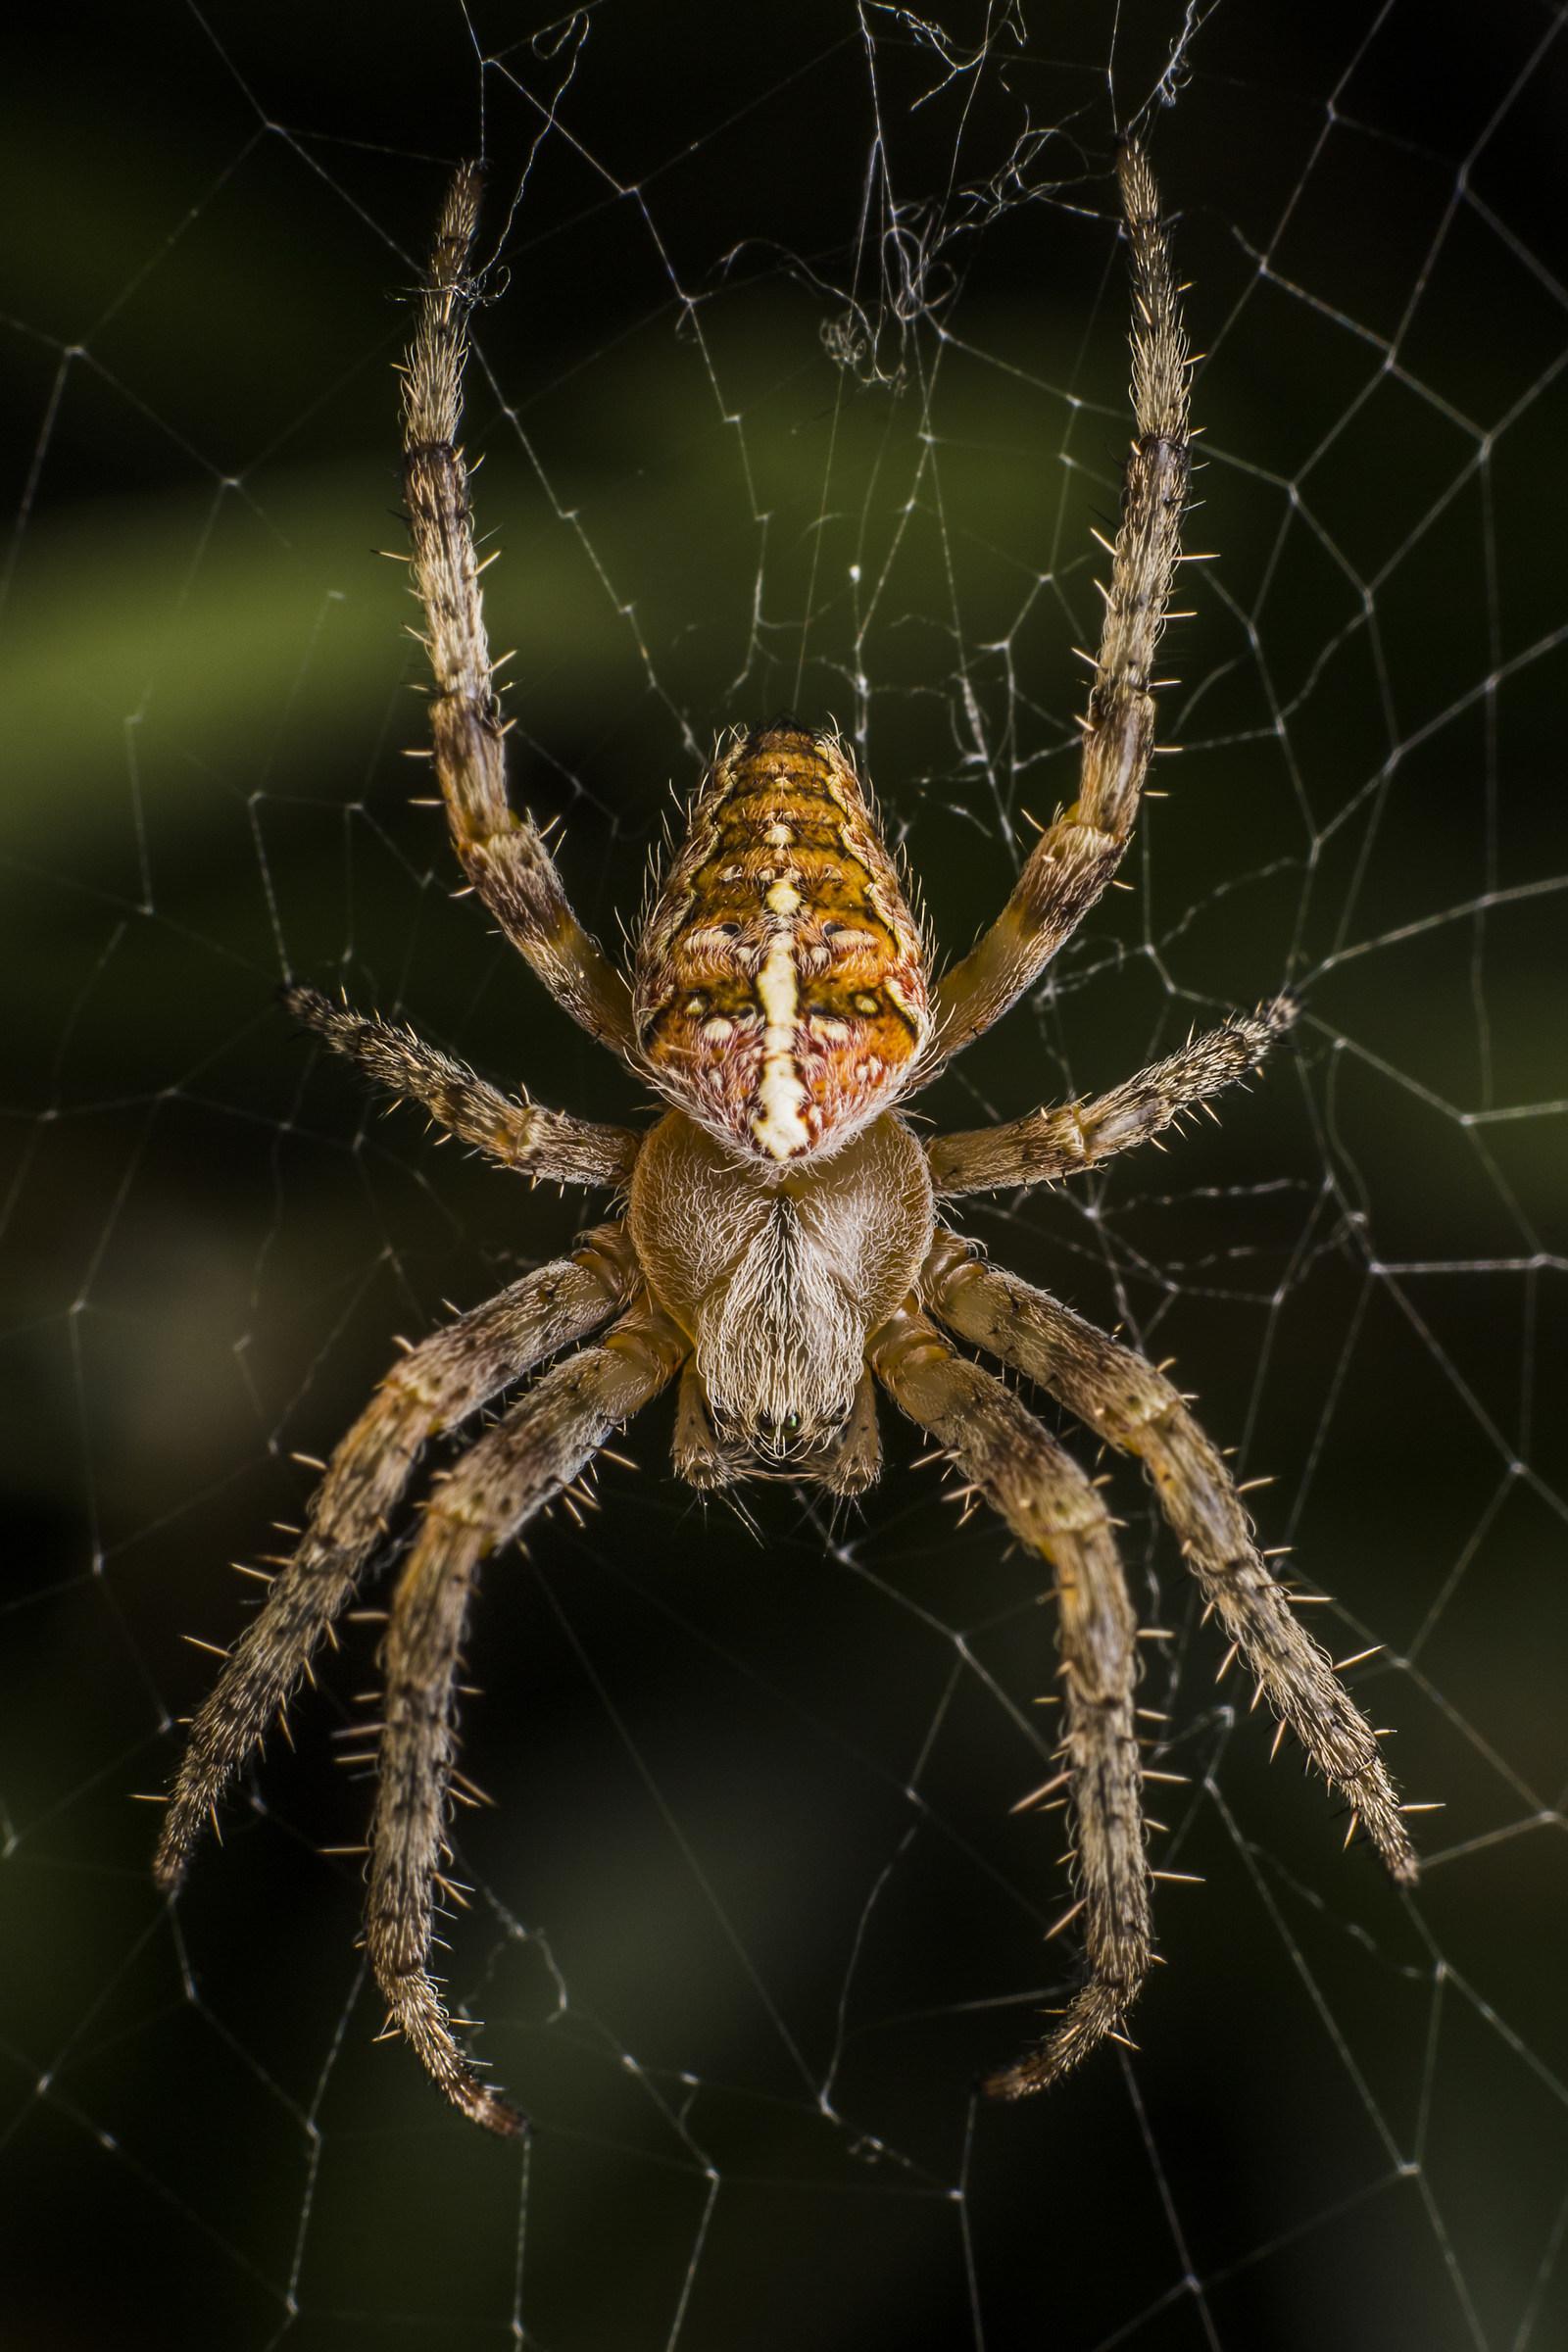 Spider on Spider Web...